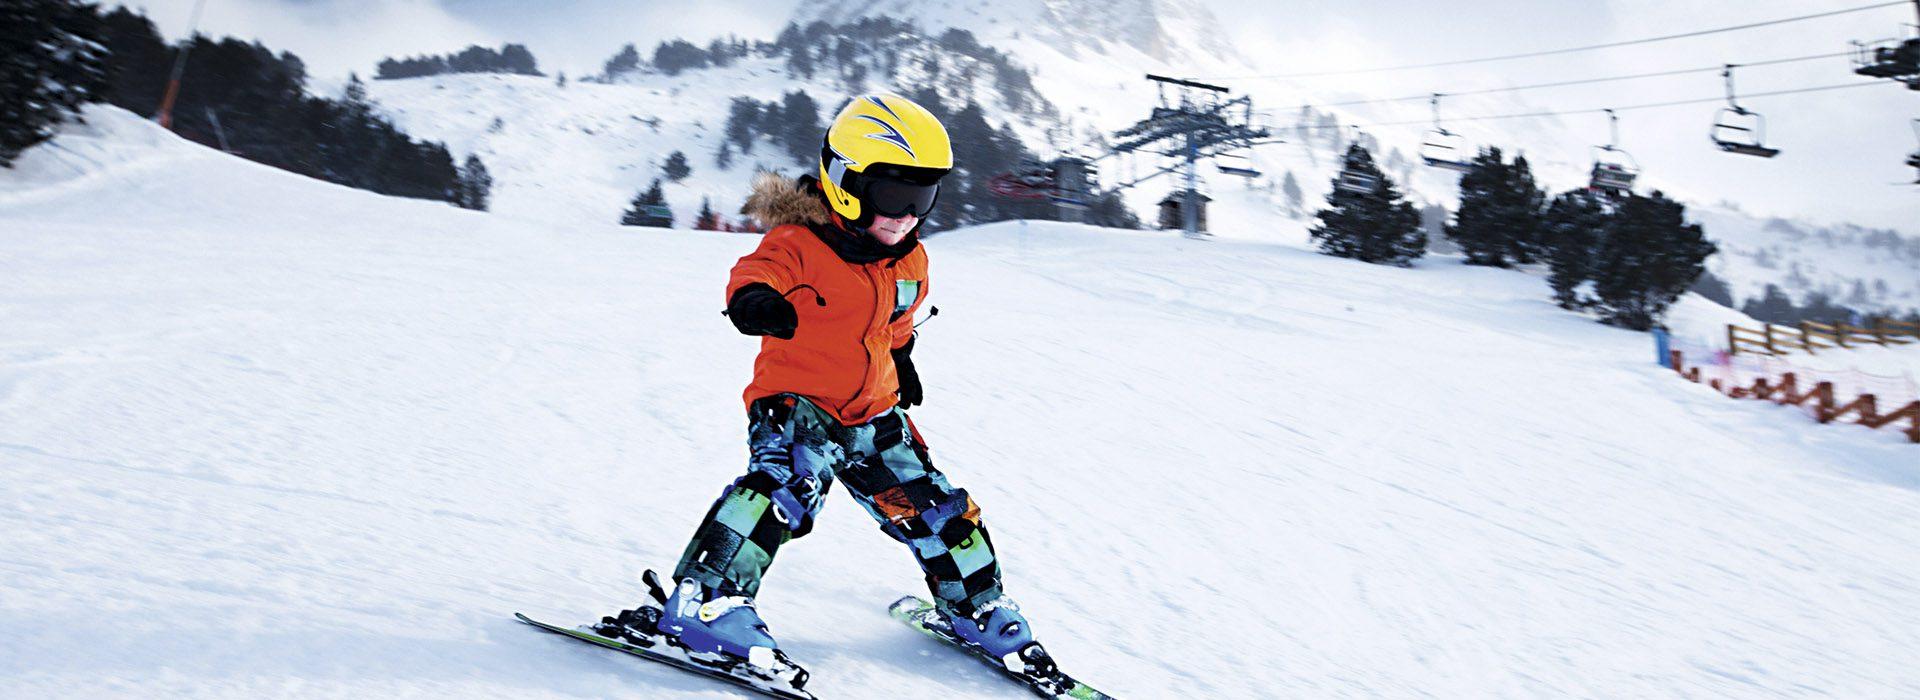 Las pistas de esquí son para el invierno